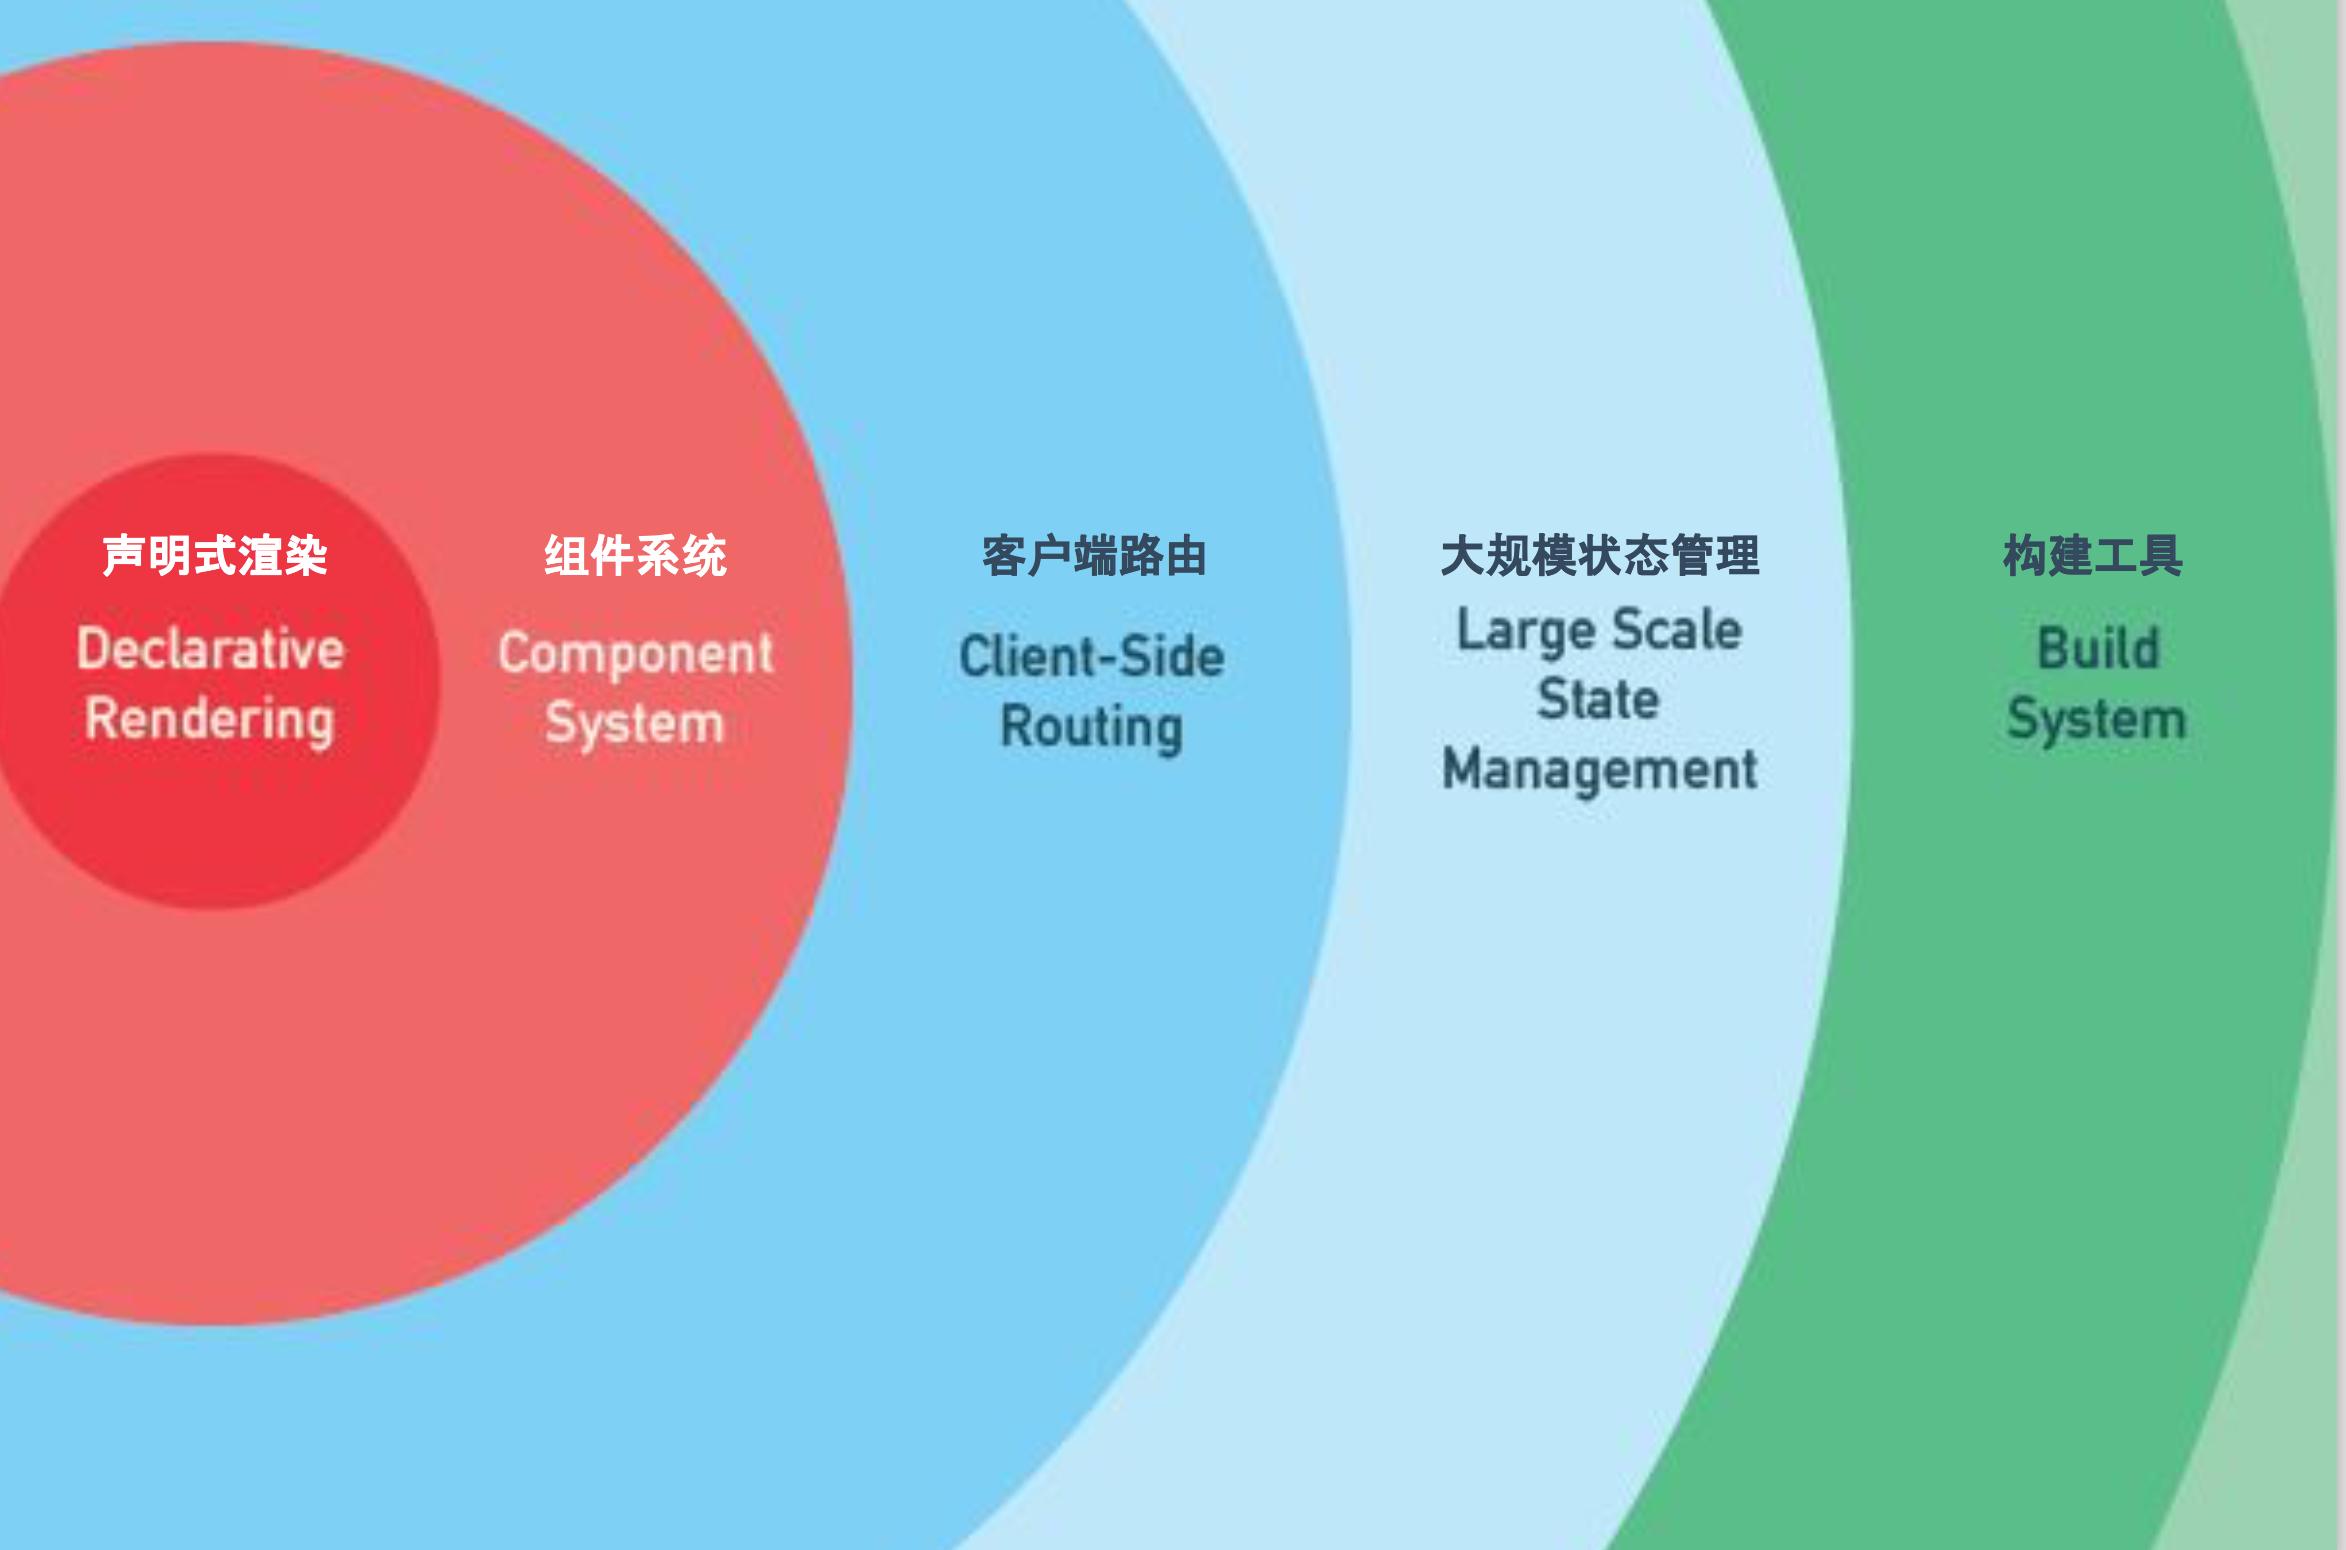 大发棋牌游戏官网 1